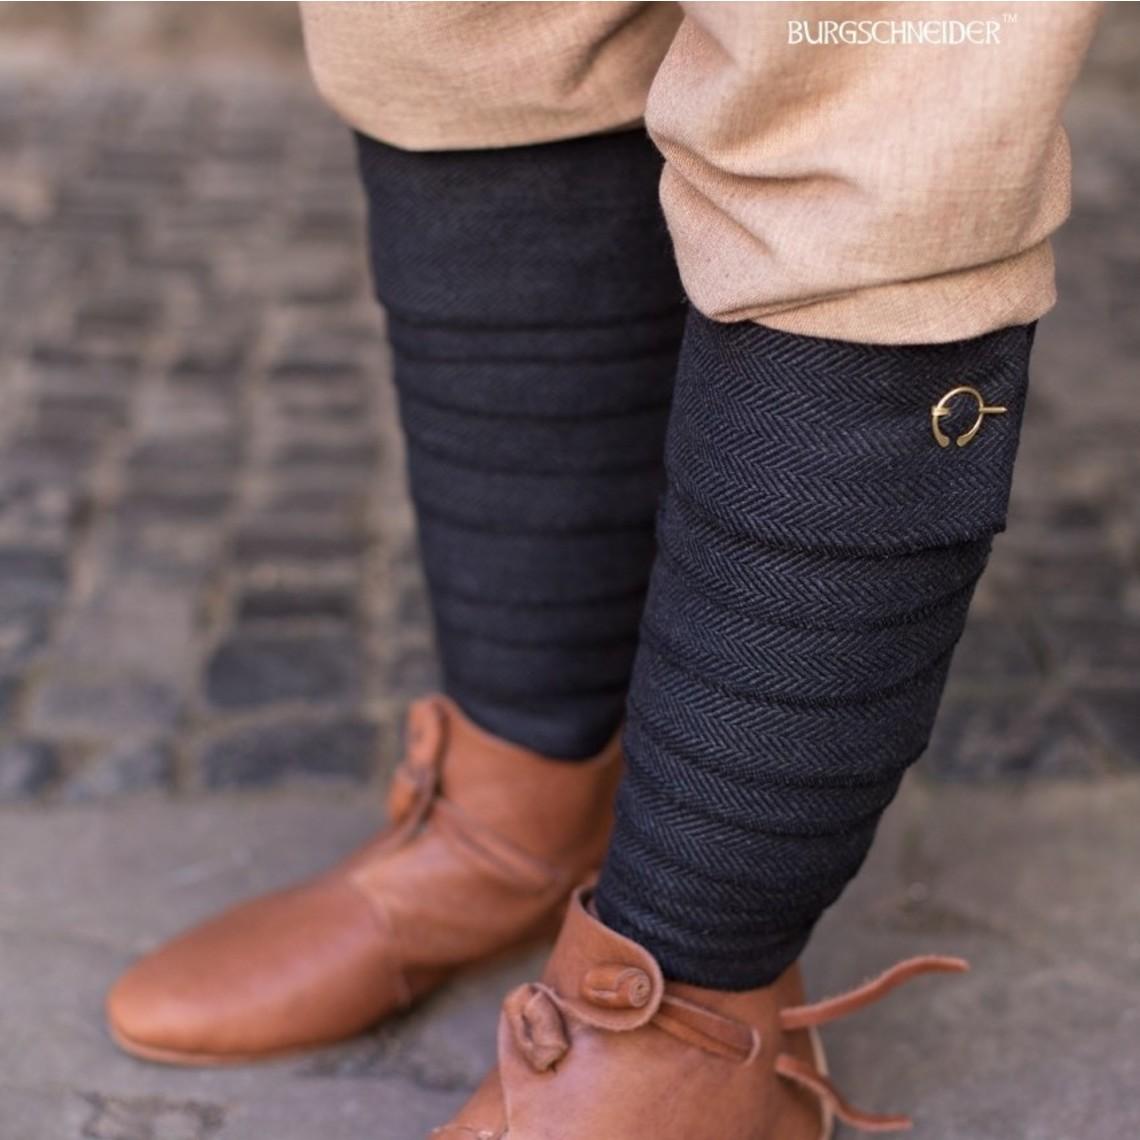 Burgschneider Leg wrappings Asgar, black/grey